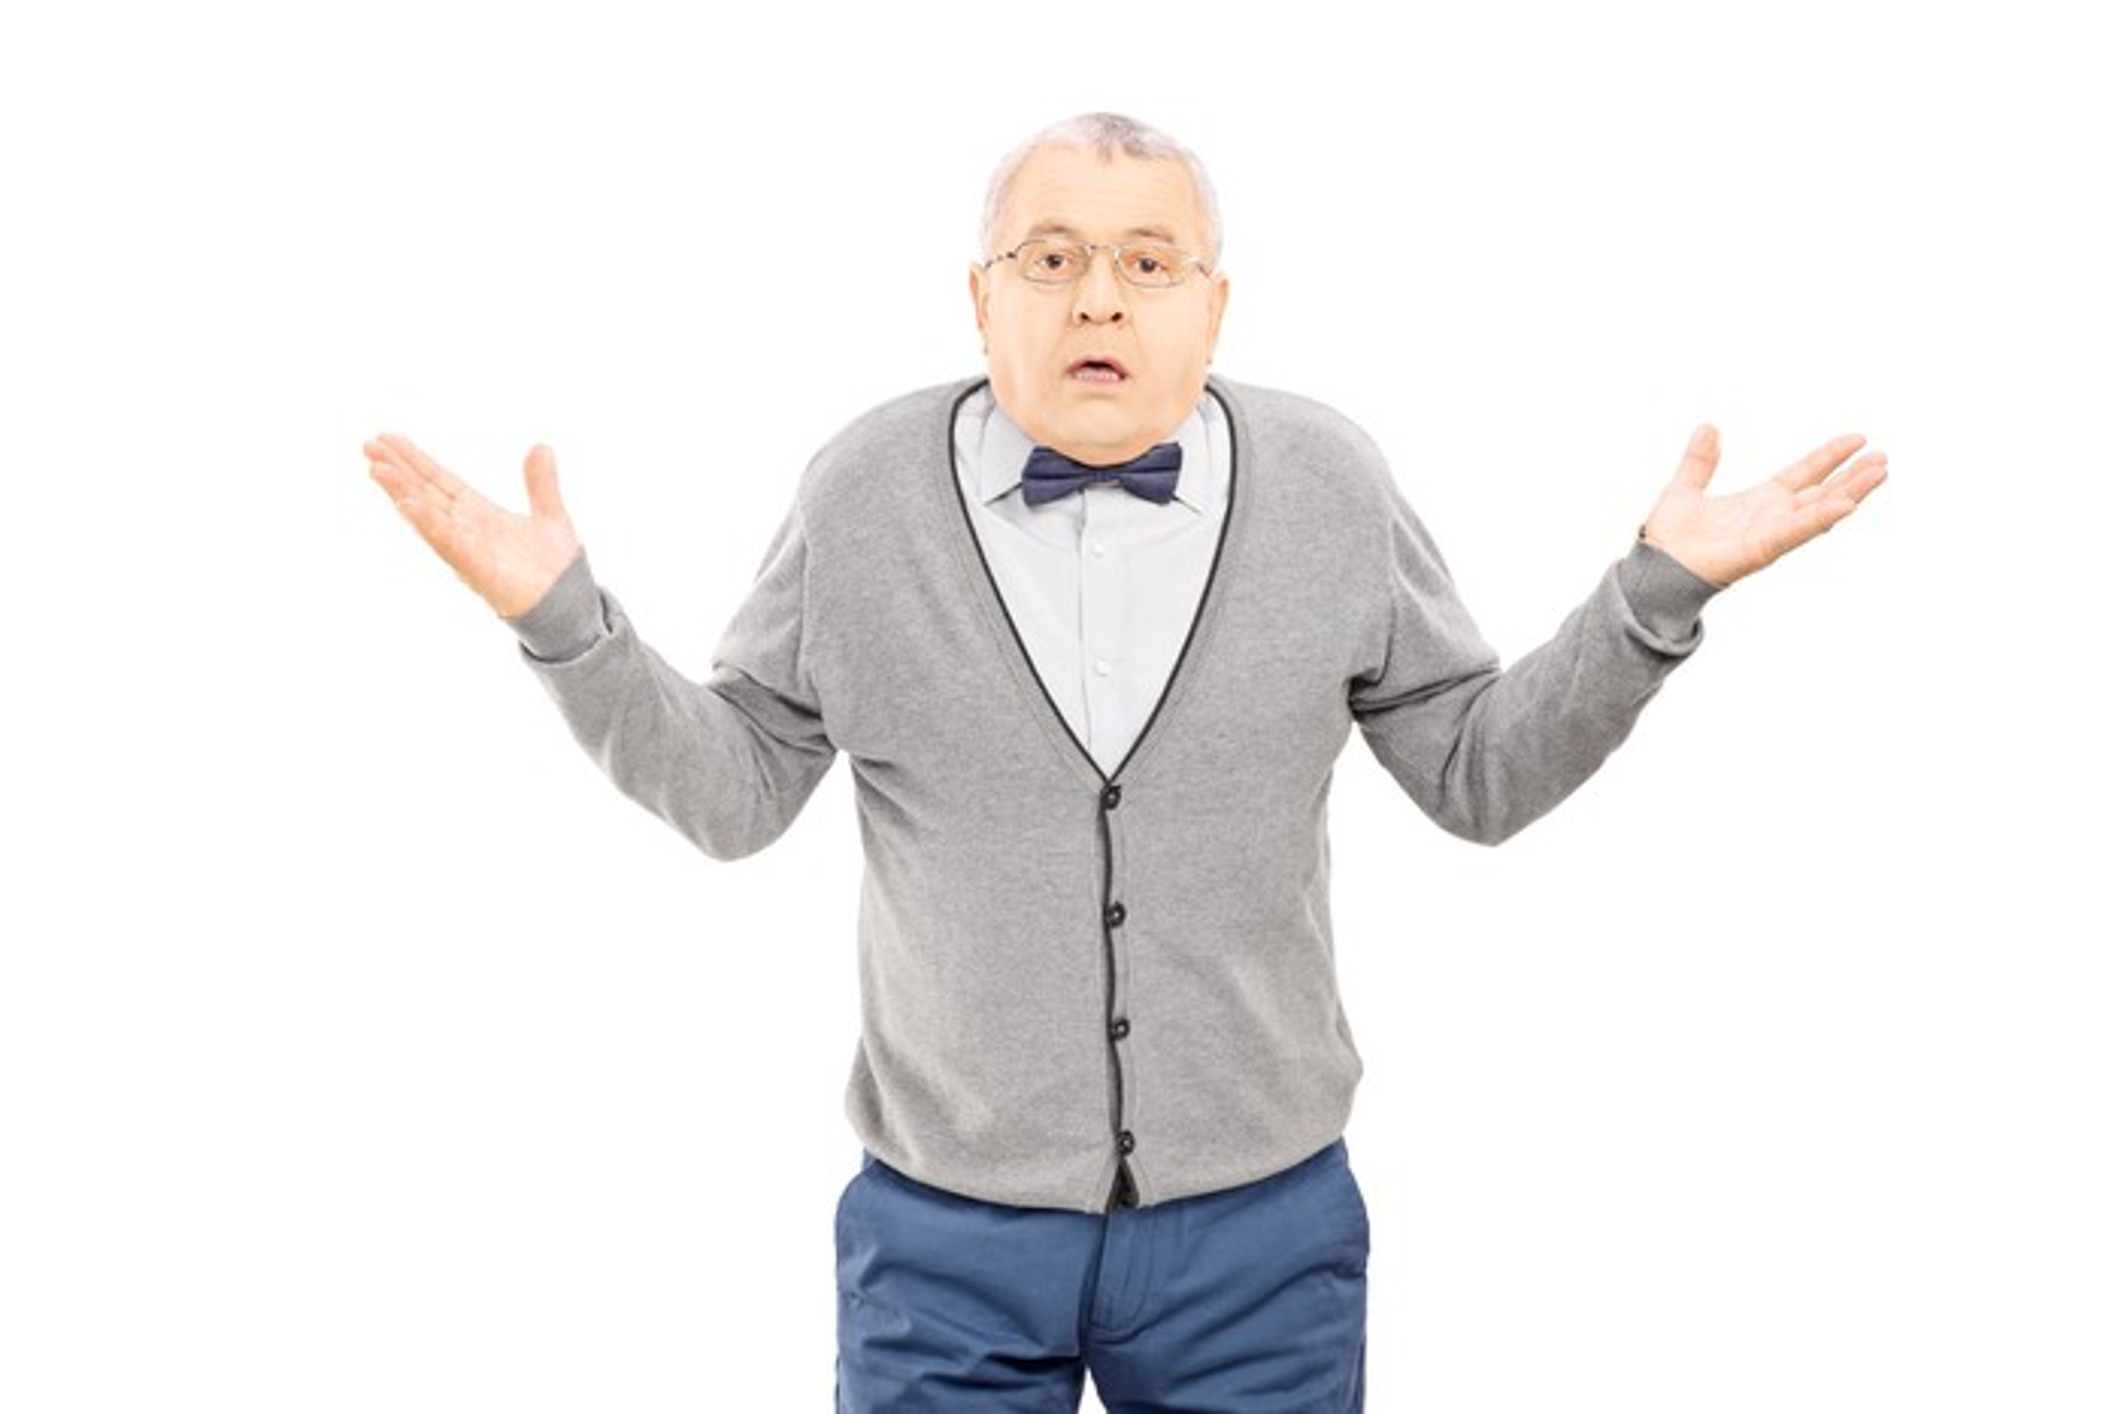 A confused older man shrugging his shoulders.